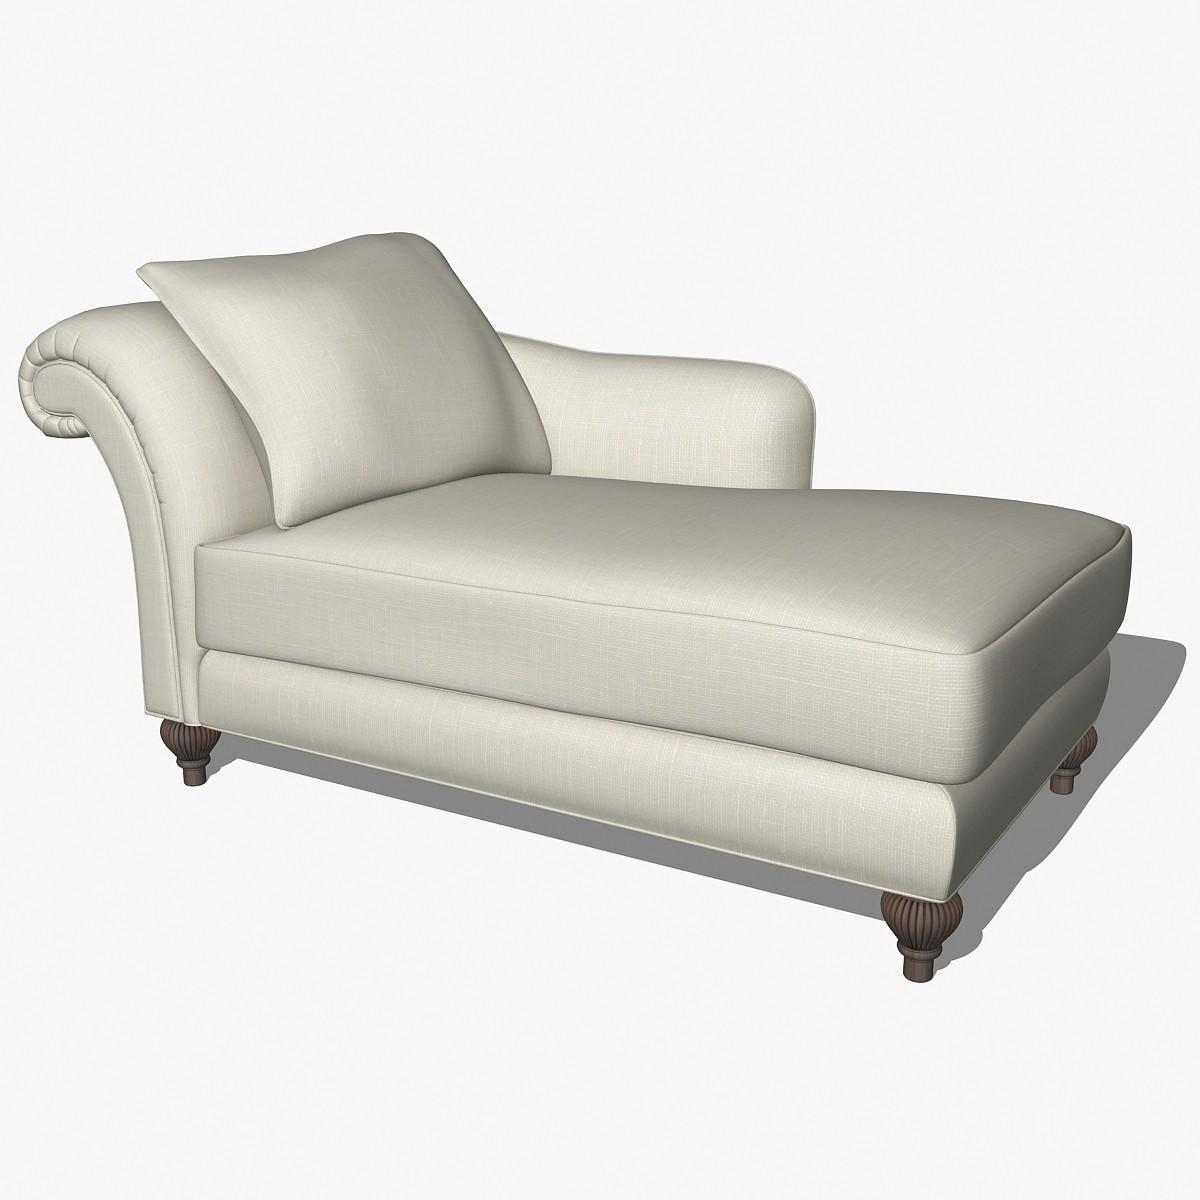 Chaise_lounge_1.jpg